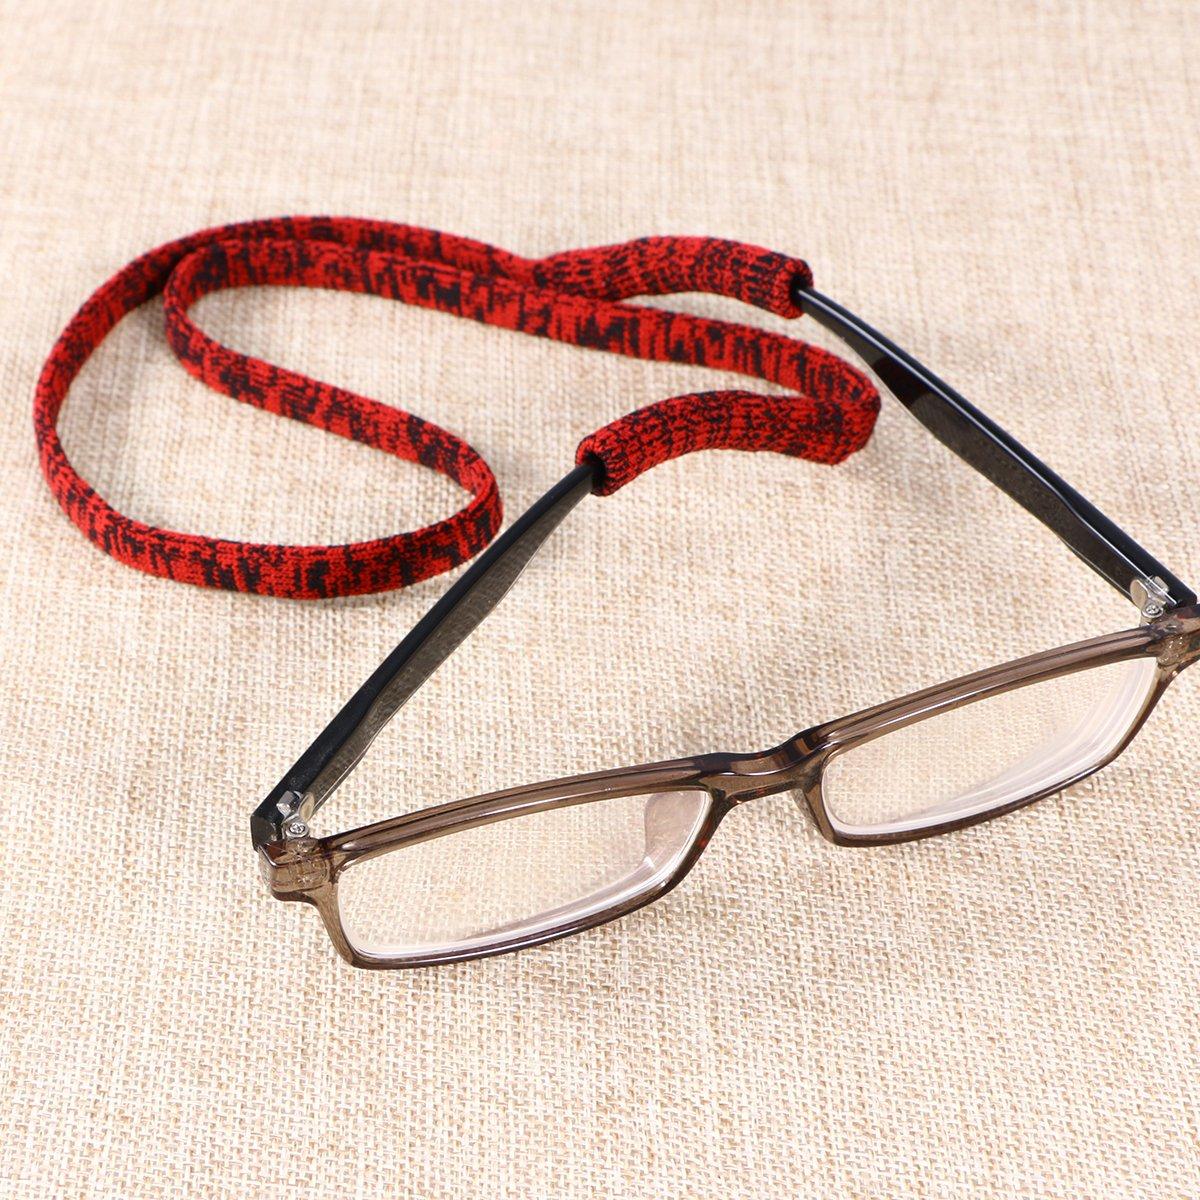 ROSENICE Cinghia per Occhiali Sport Nastro per occhiali sportivi in diversi colori 5 pezzi